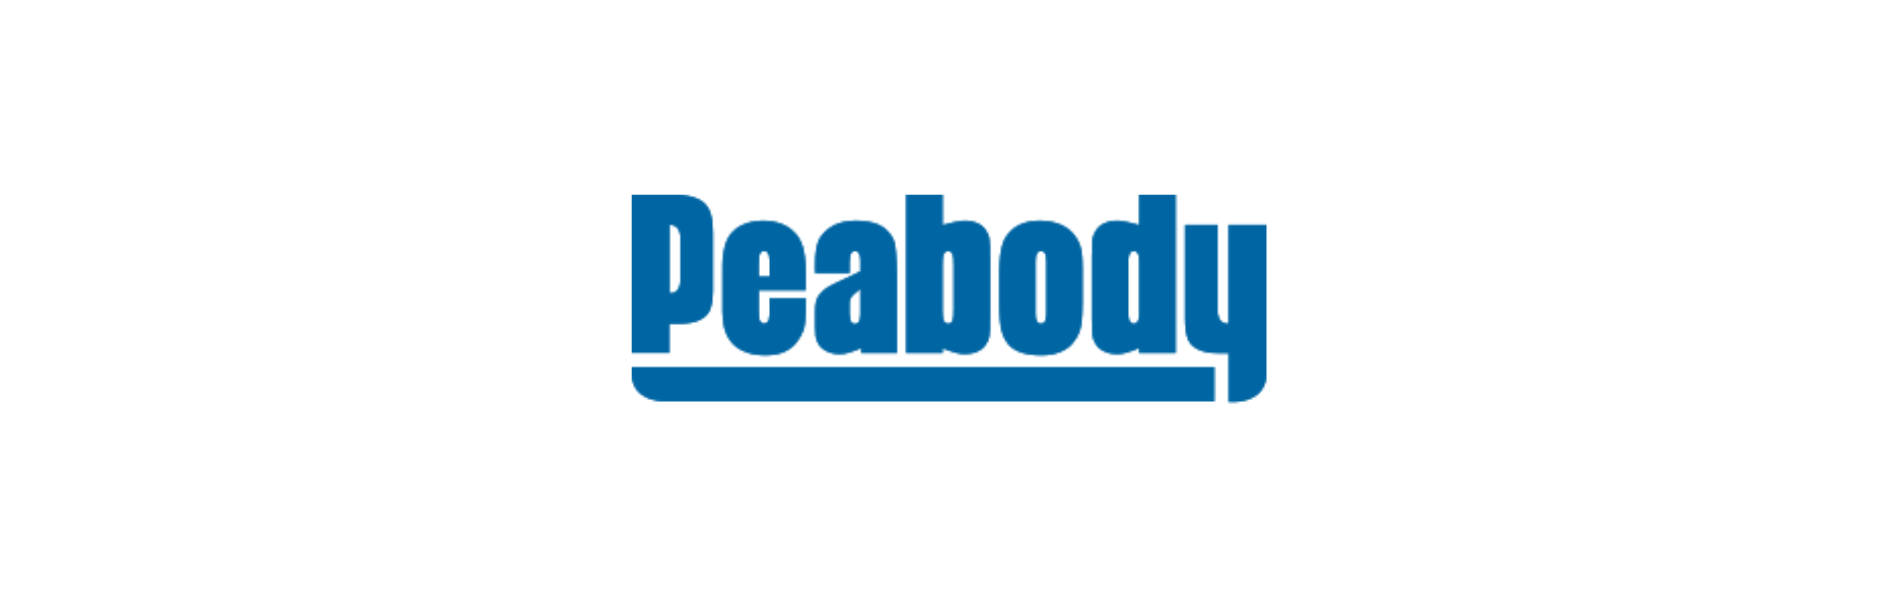 Peabody Energy